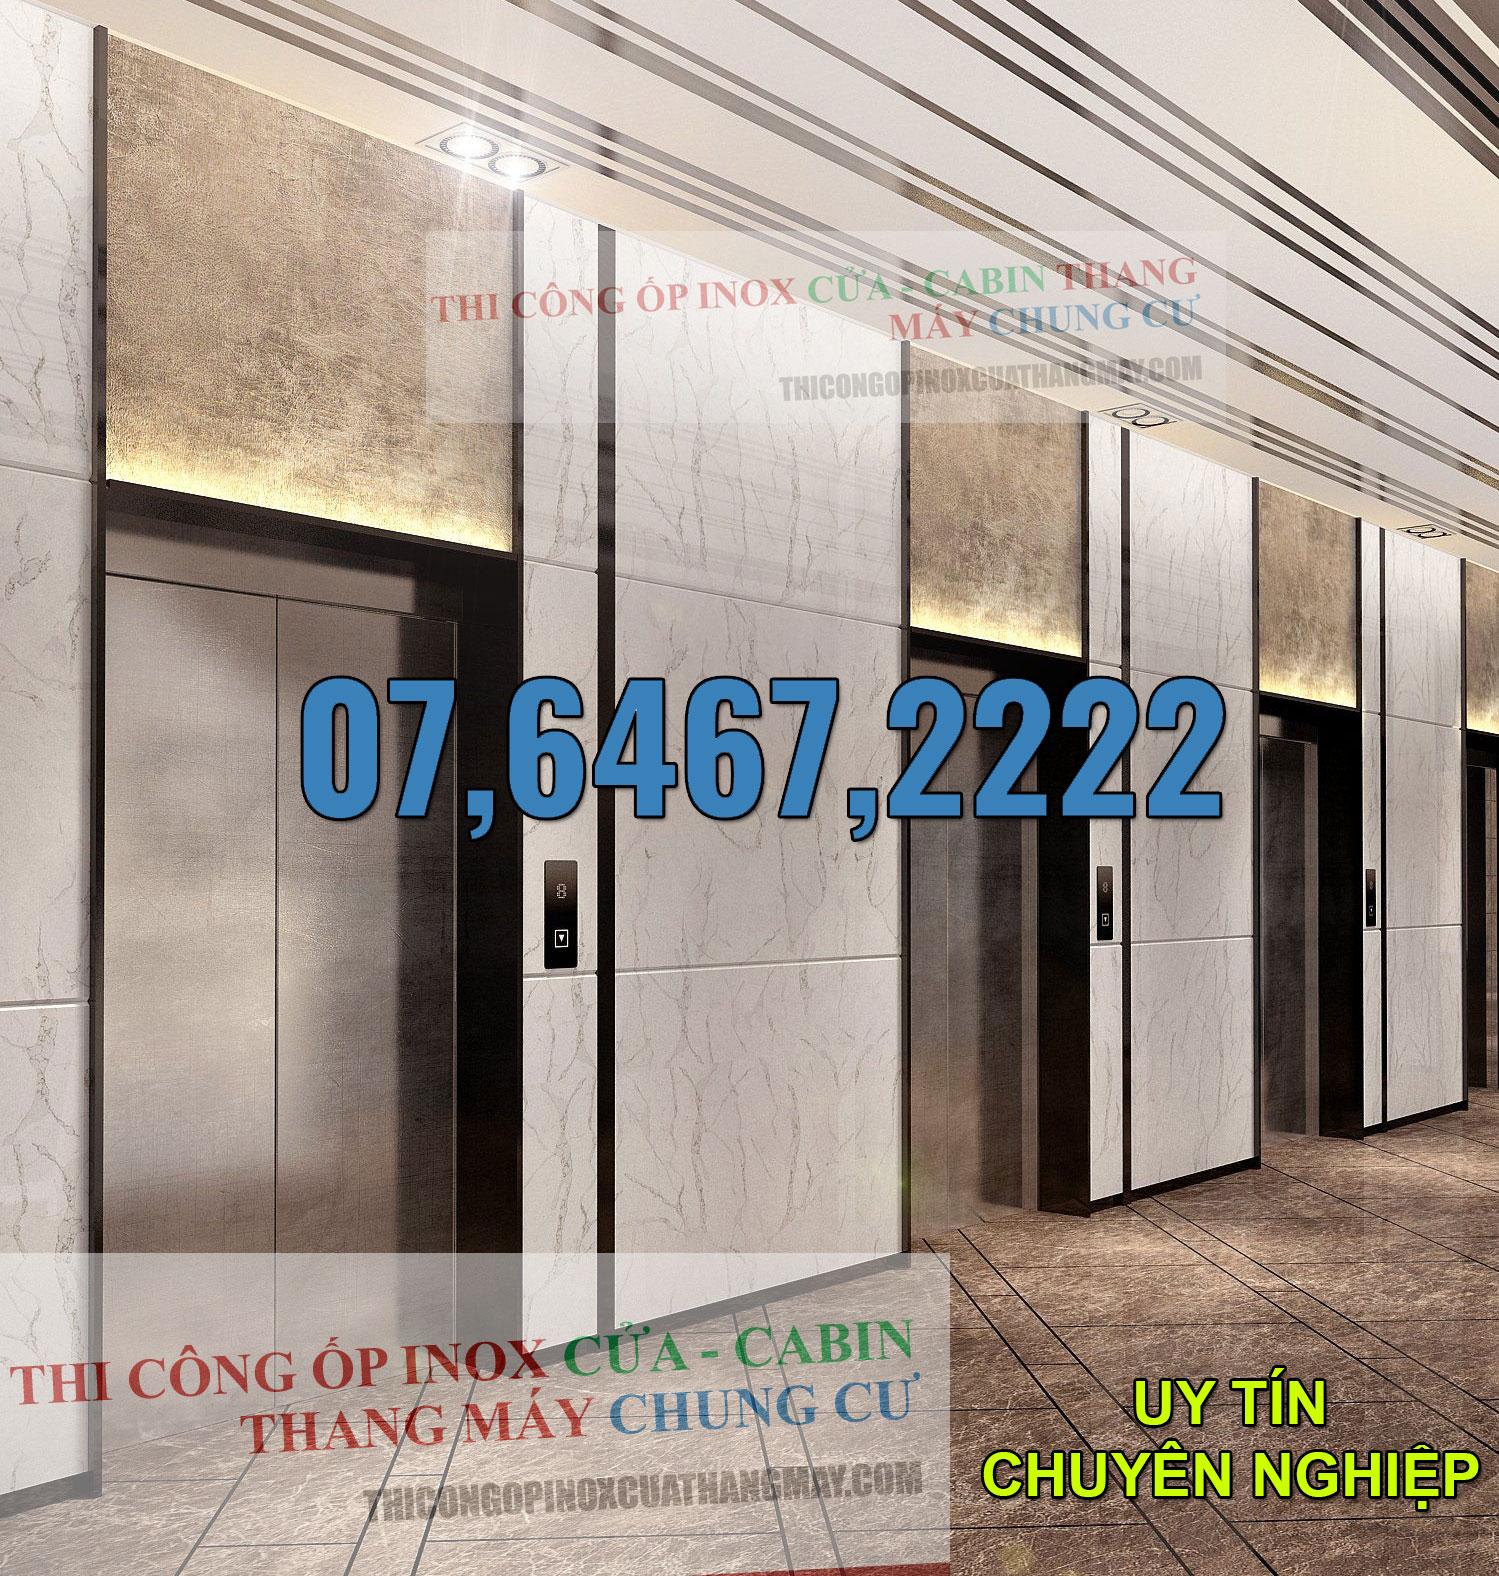 Thi công ốp Inox Cửa - Cabin thang máy chung cư